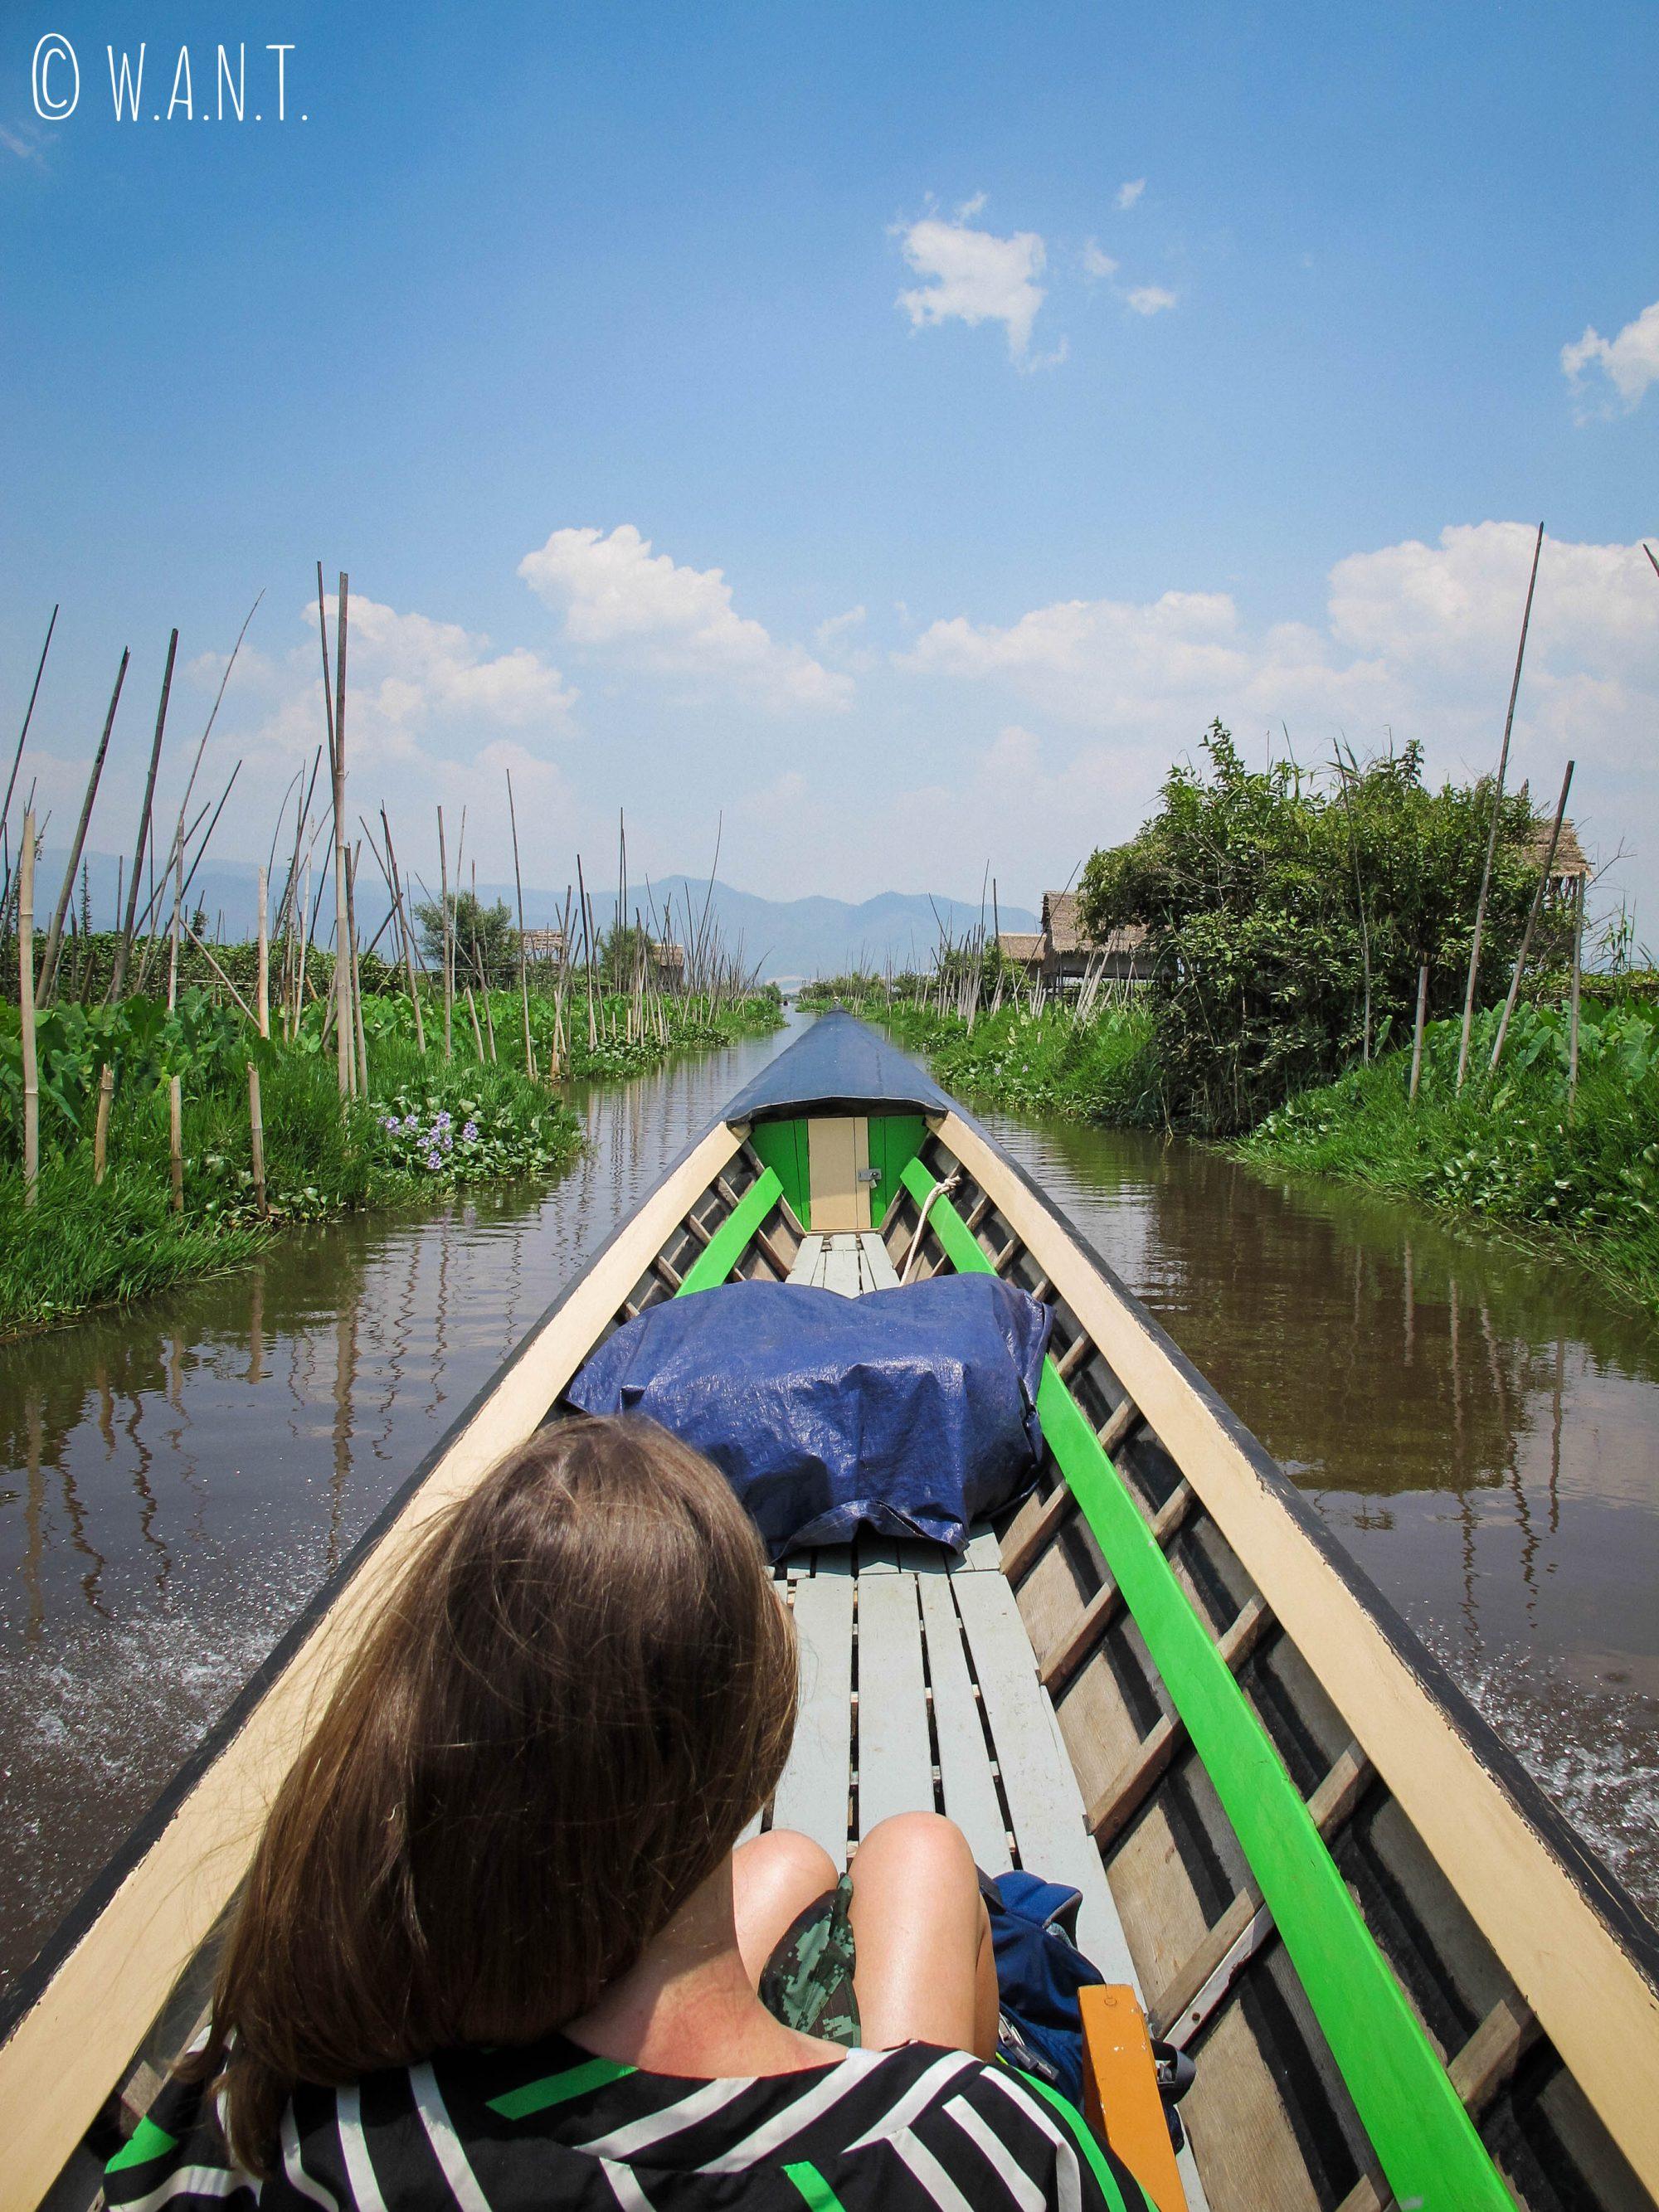 Le canal est bordé par les jardins flottants et maisons sur pilotis